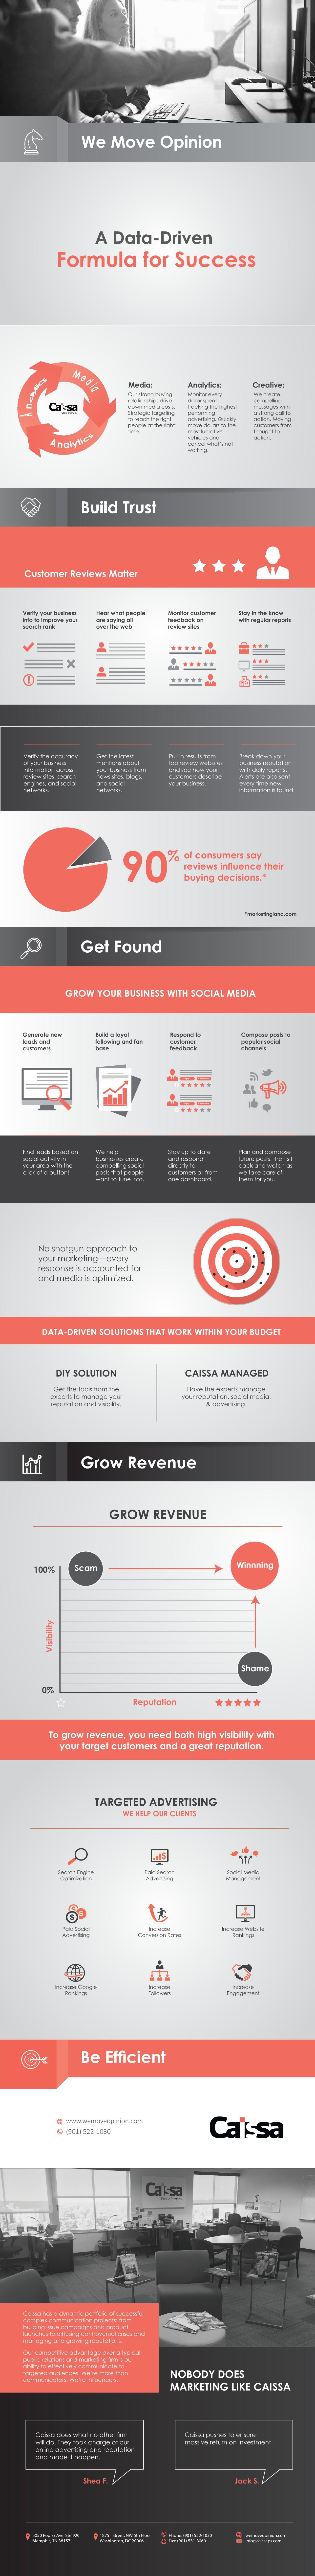 Create Caissa's modern business brochure